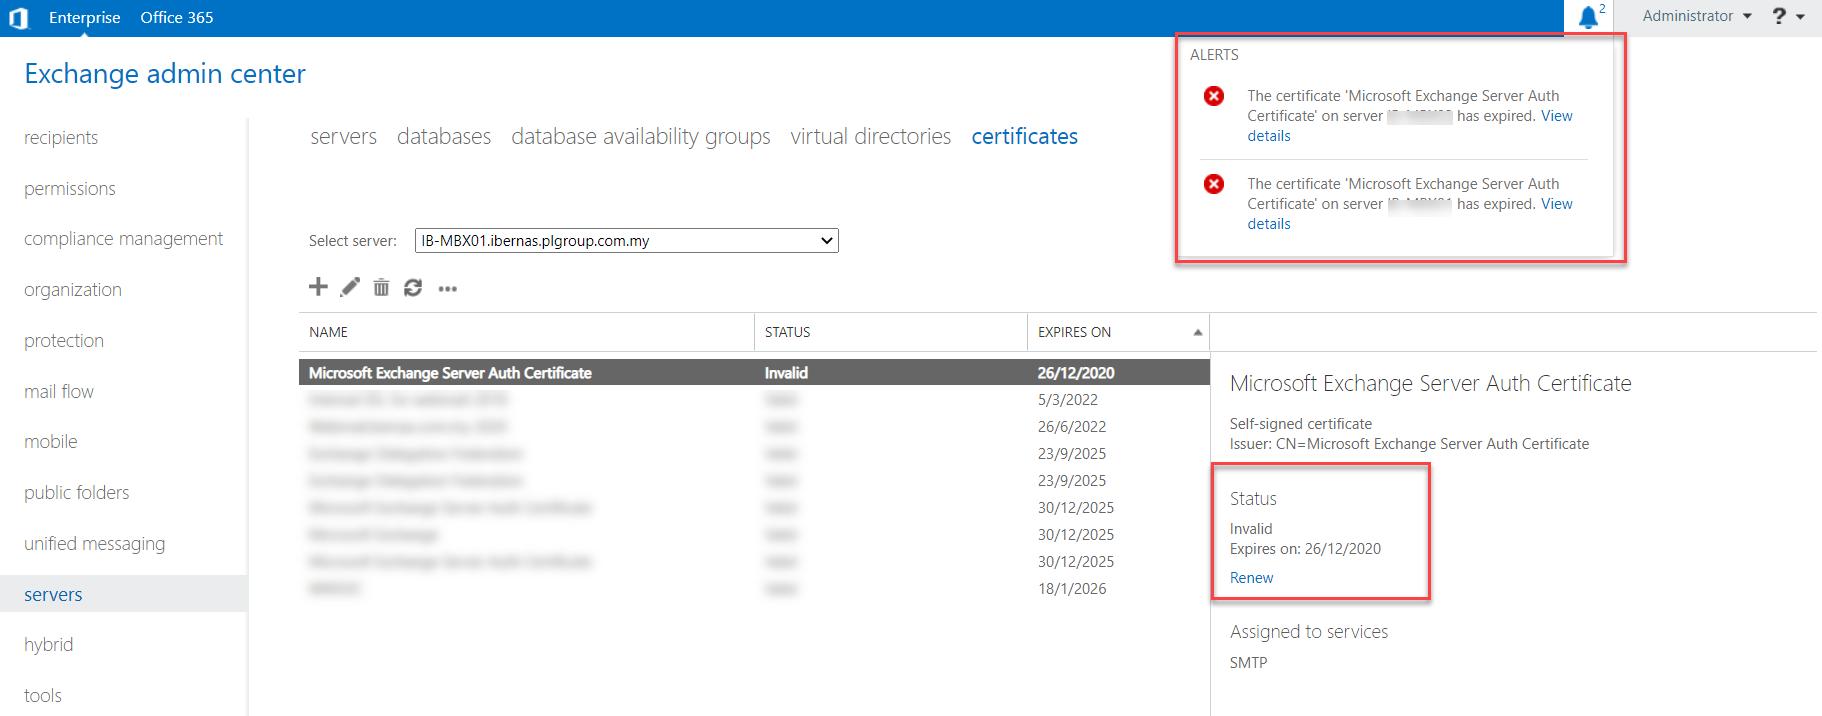 Renew Expired Microsoft Exchange Server Auth Certificate